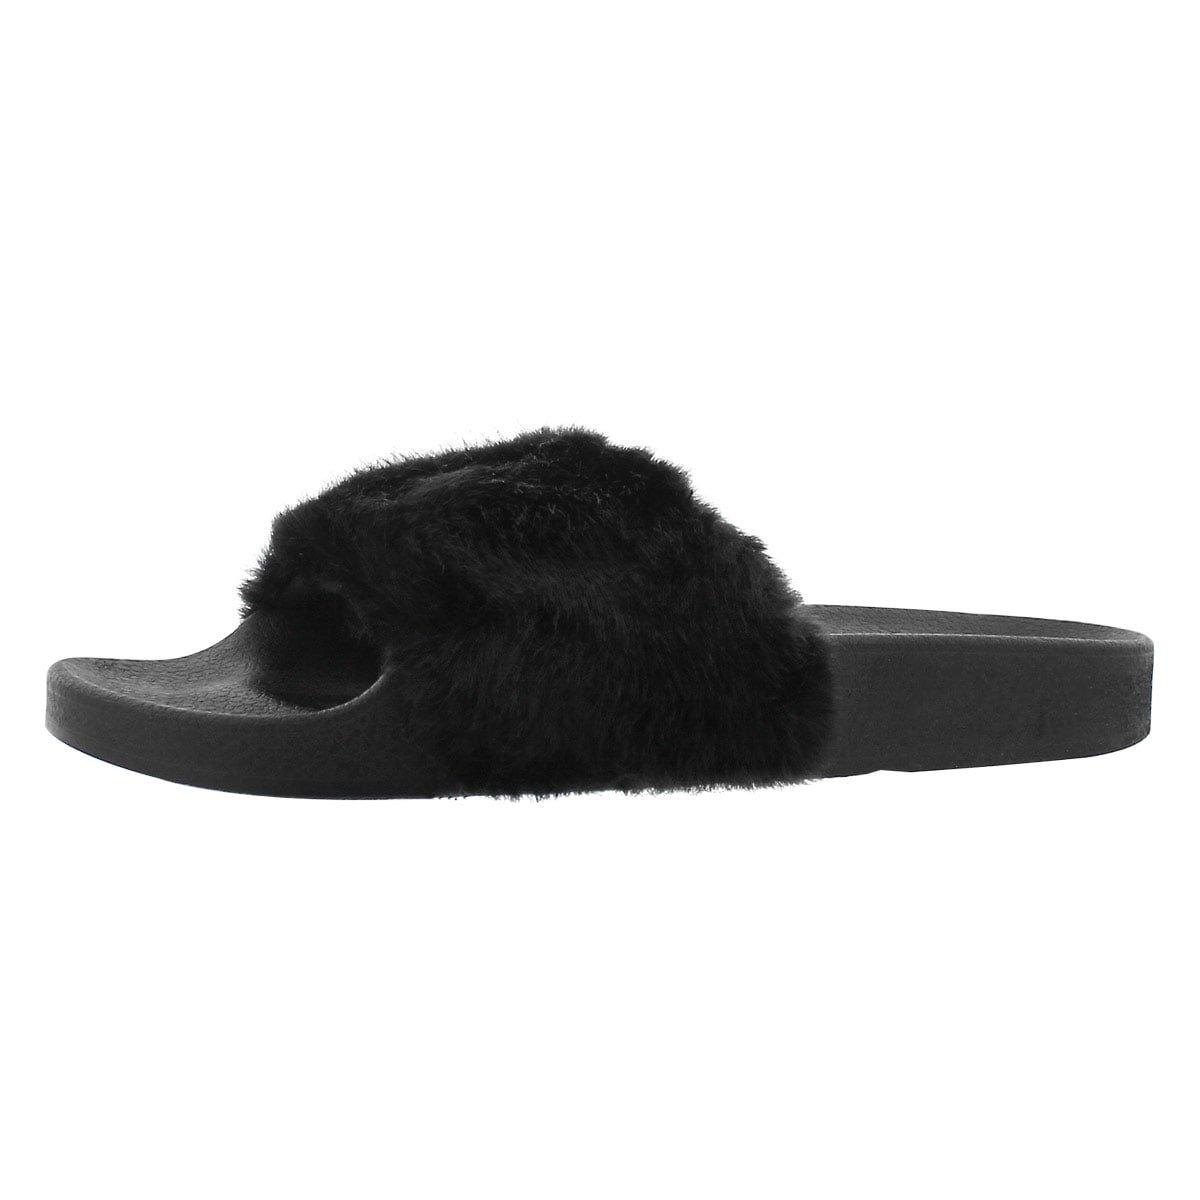 Steve Madden Women's Softey Flat Sandal, Black/Black, 7 M US